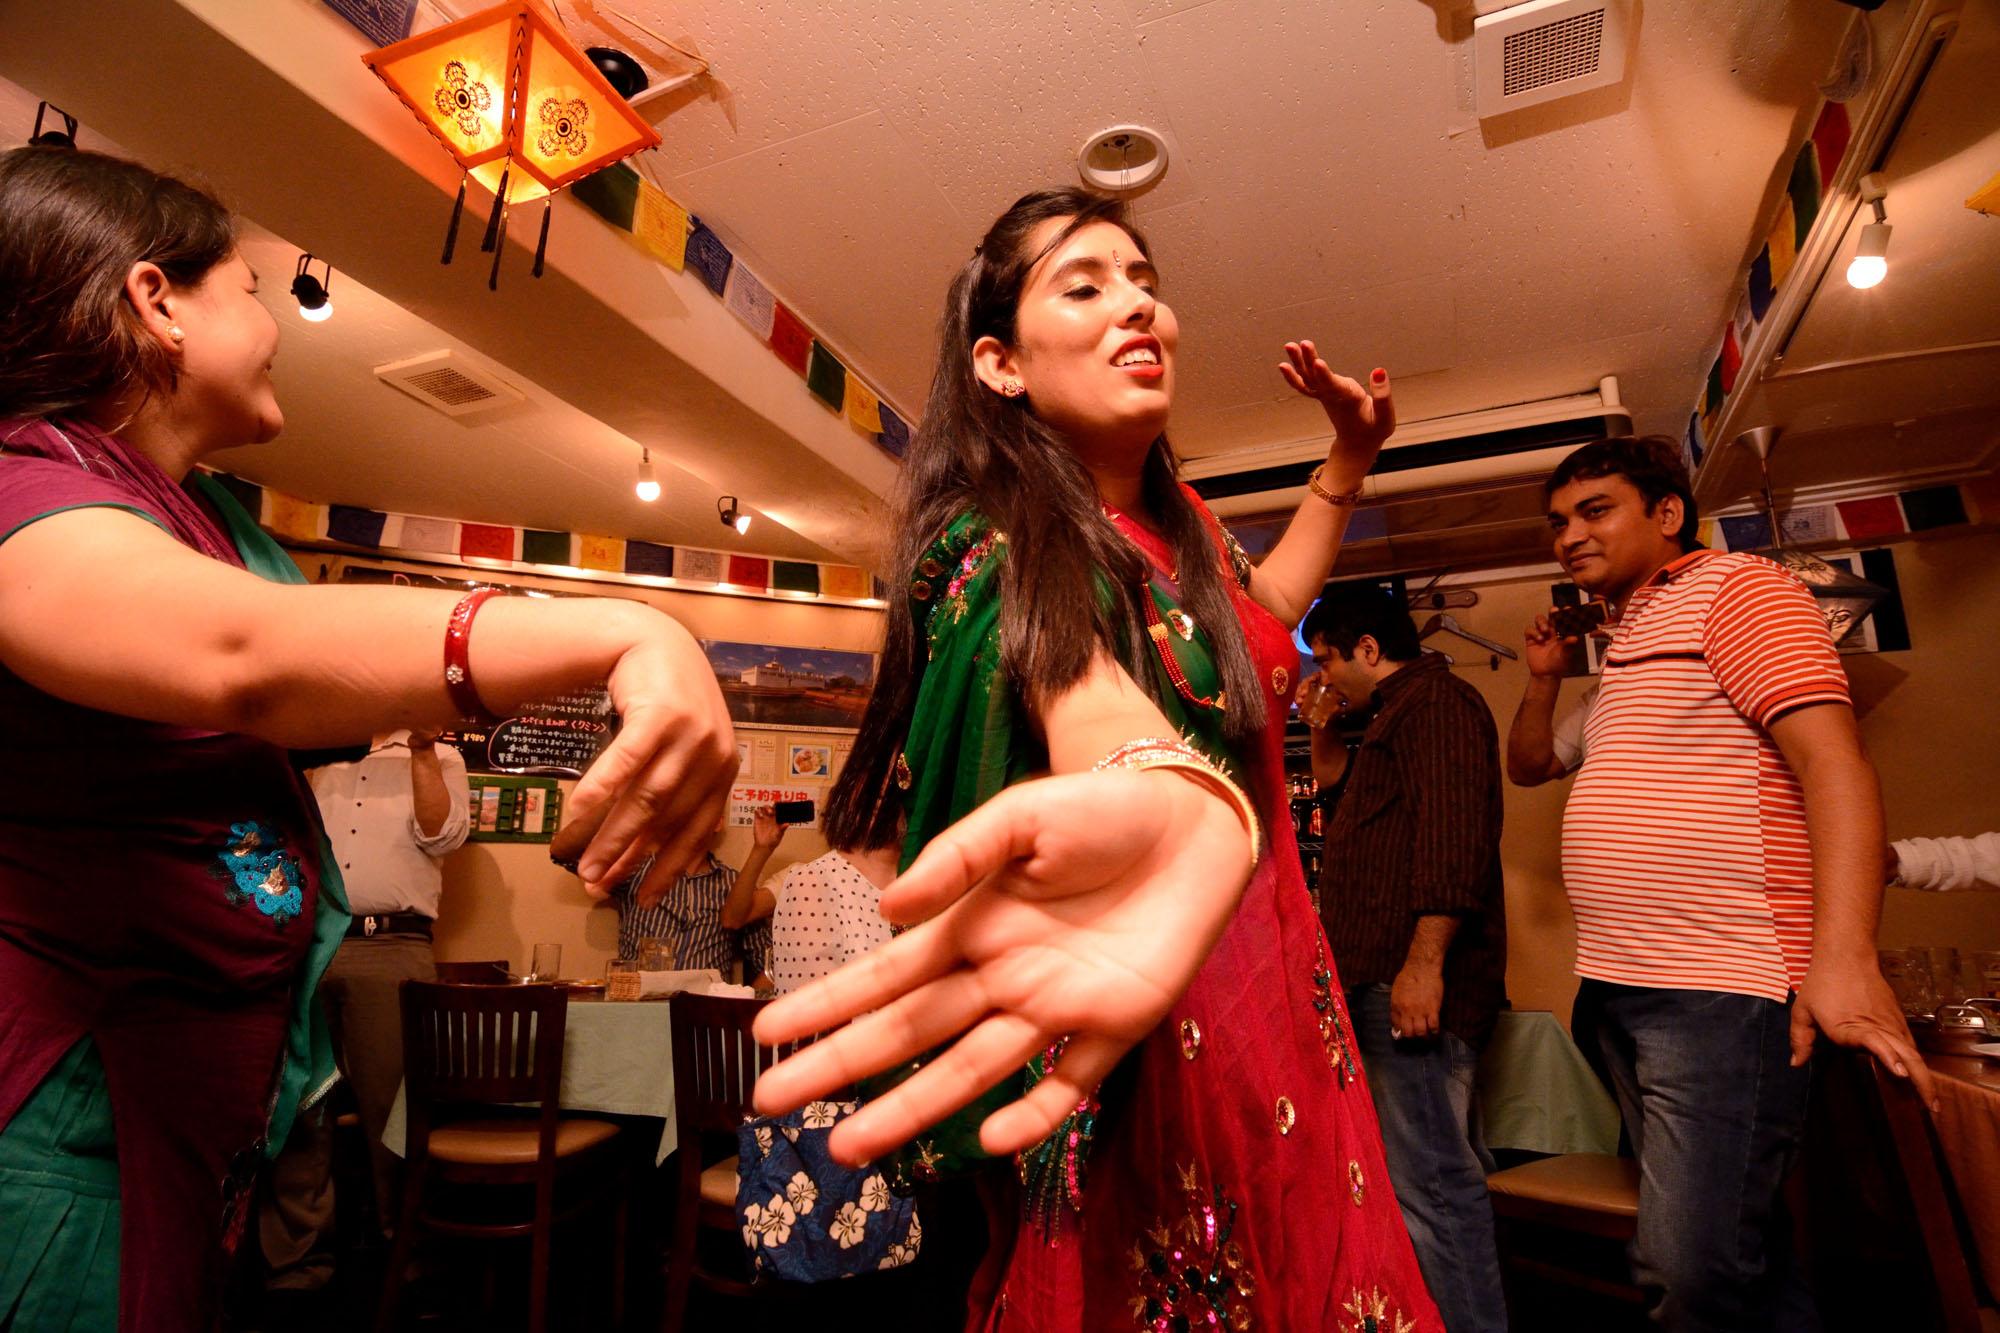 「ティージ」(夫の健康と長寿や良縁を願うネパール女性の祝祭)で踊るサンダギさん。女性は断食するので前夜祭では皆でご馳走を食べ、歌い、踊る。東京・人形町の「ヒマラヤンビレッジ」で